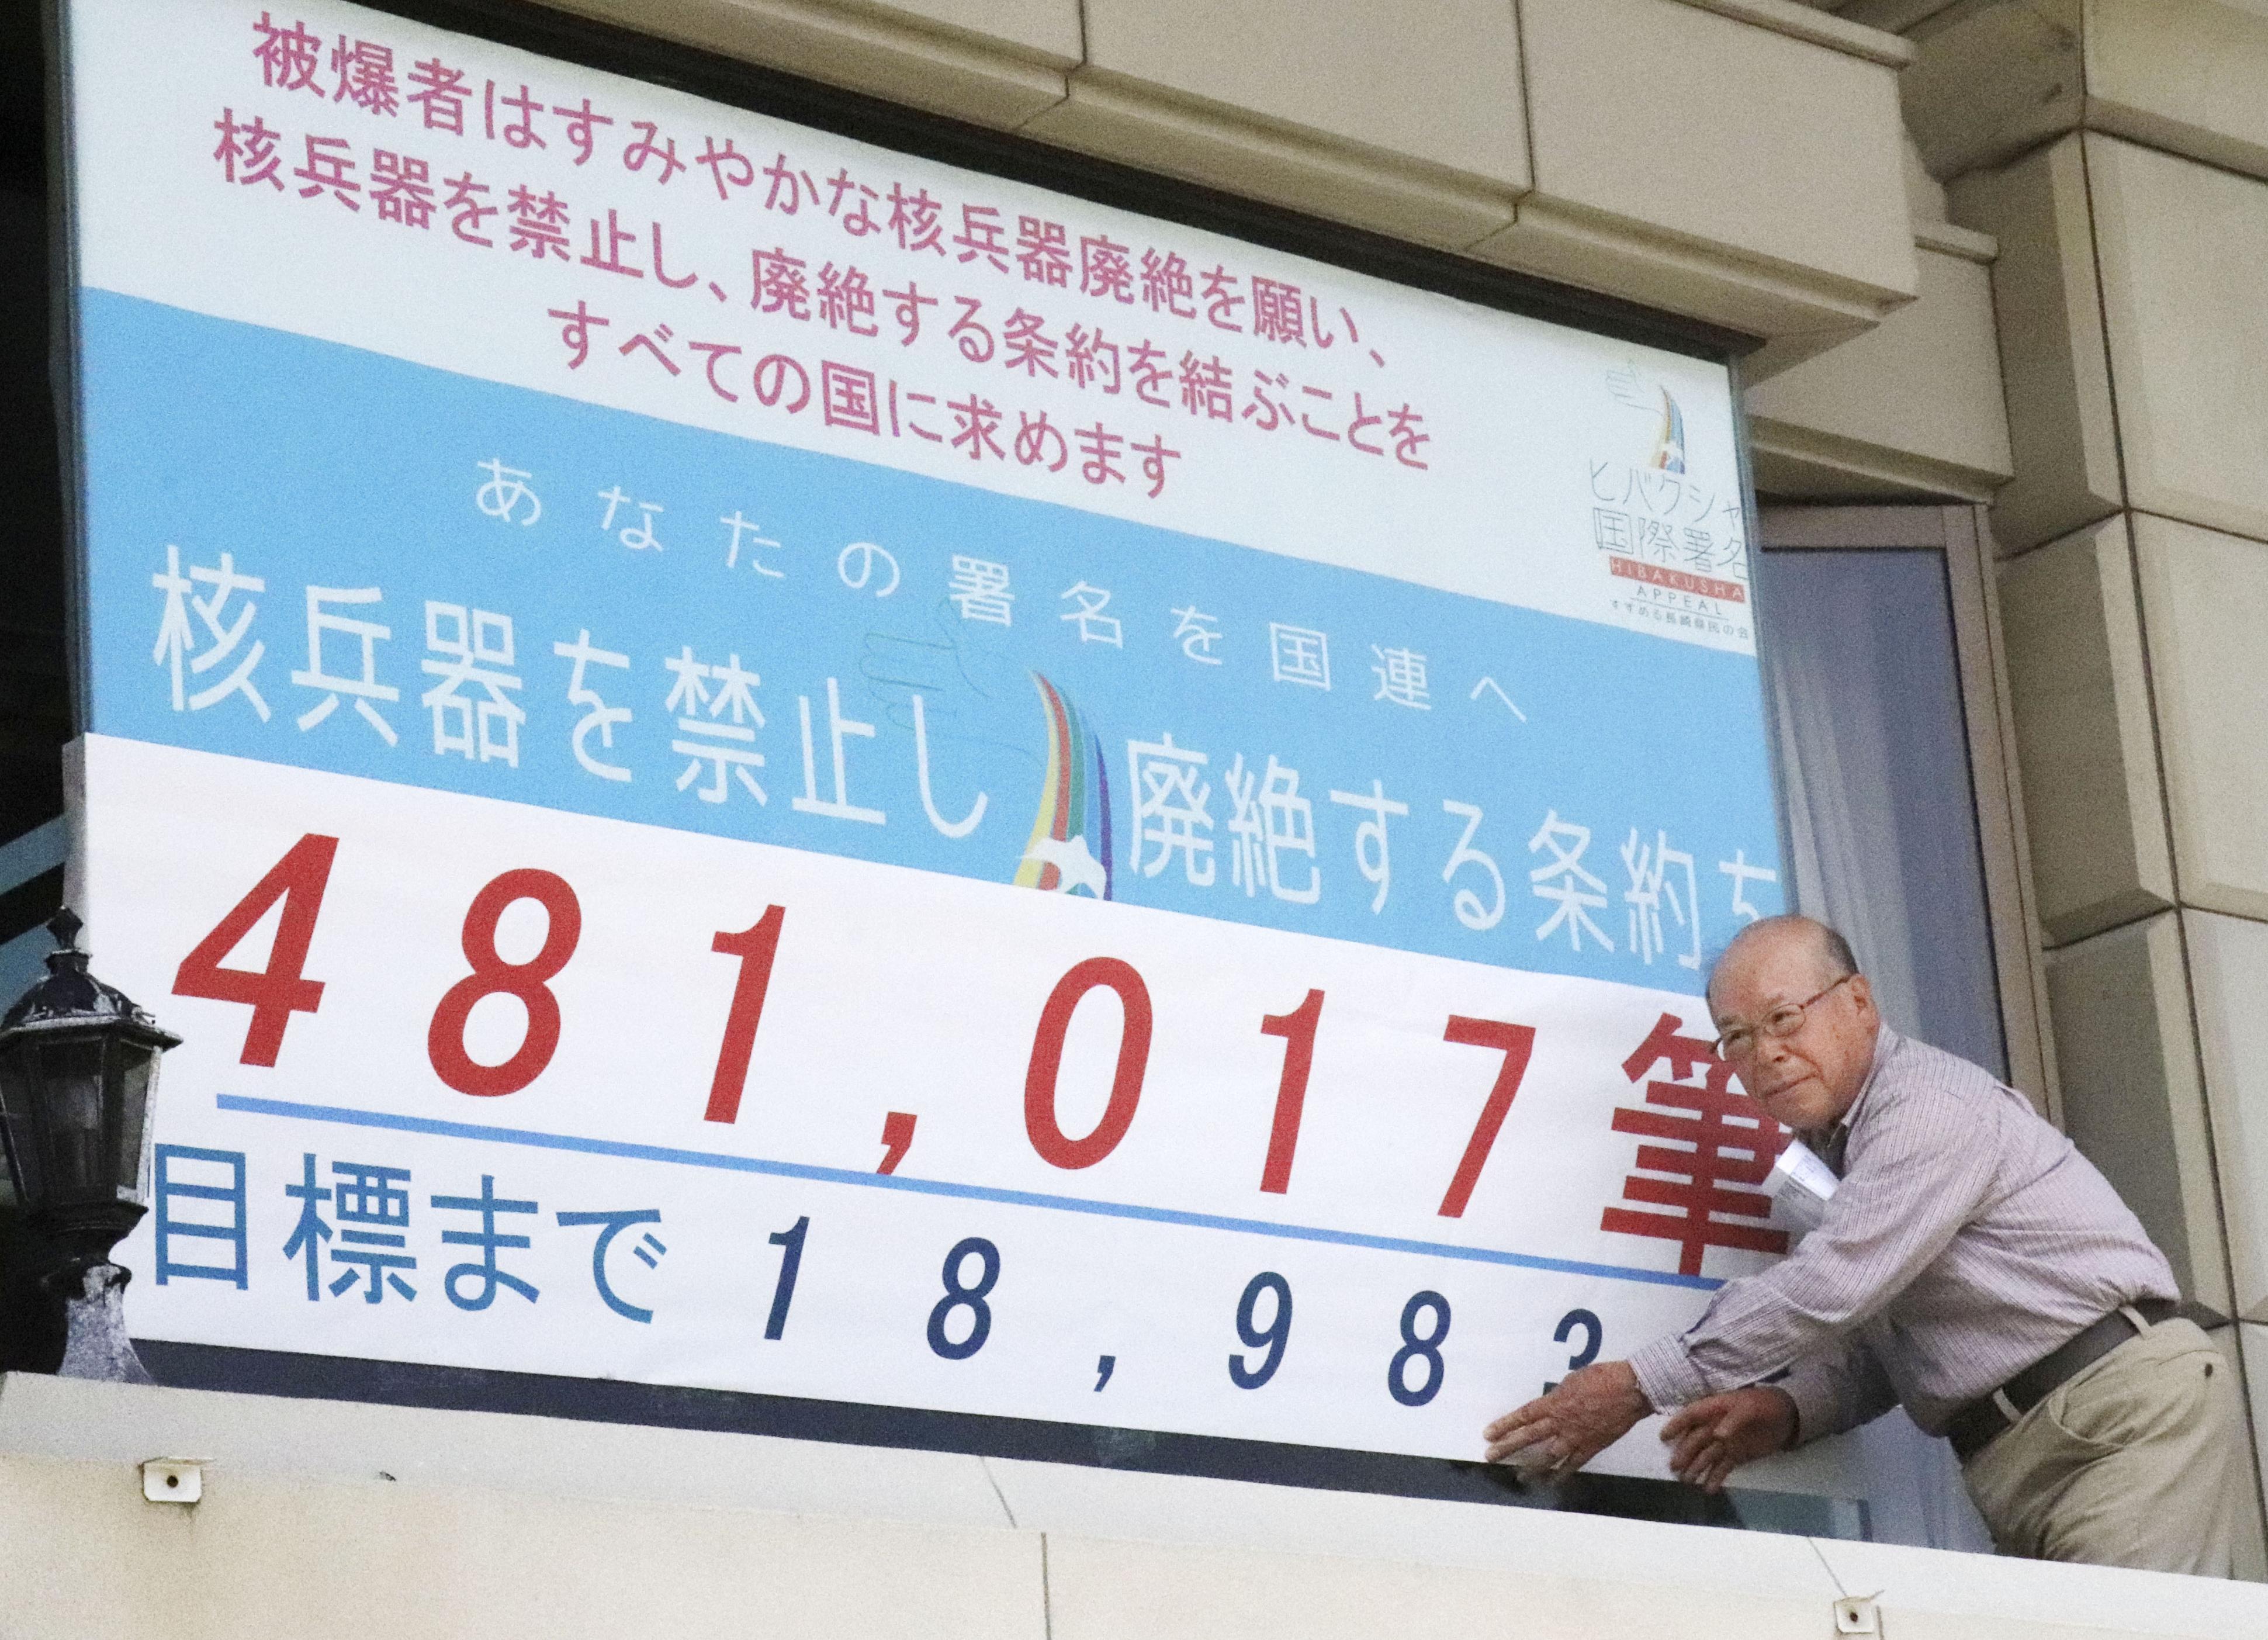 長崎原爆被災者協議会の事務所の窓に、核兵器廃絶を求める「ヒバクシャ国際署名」に集まった署名数を掲示する田中重光さん=27日午後、長崎市